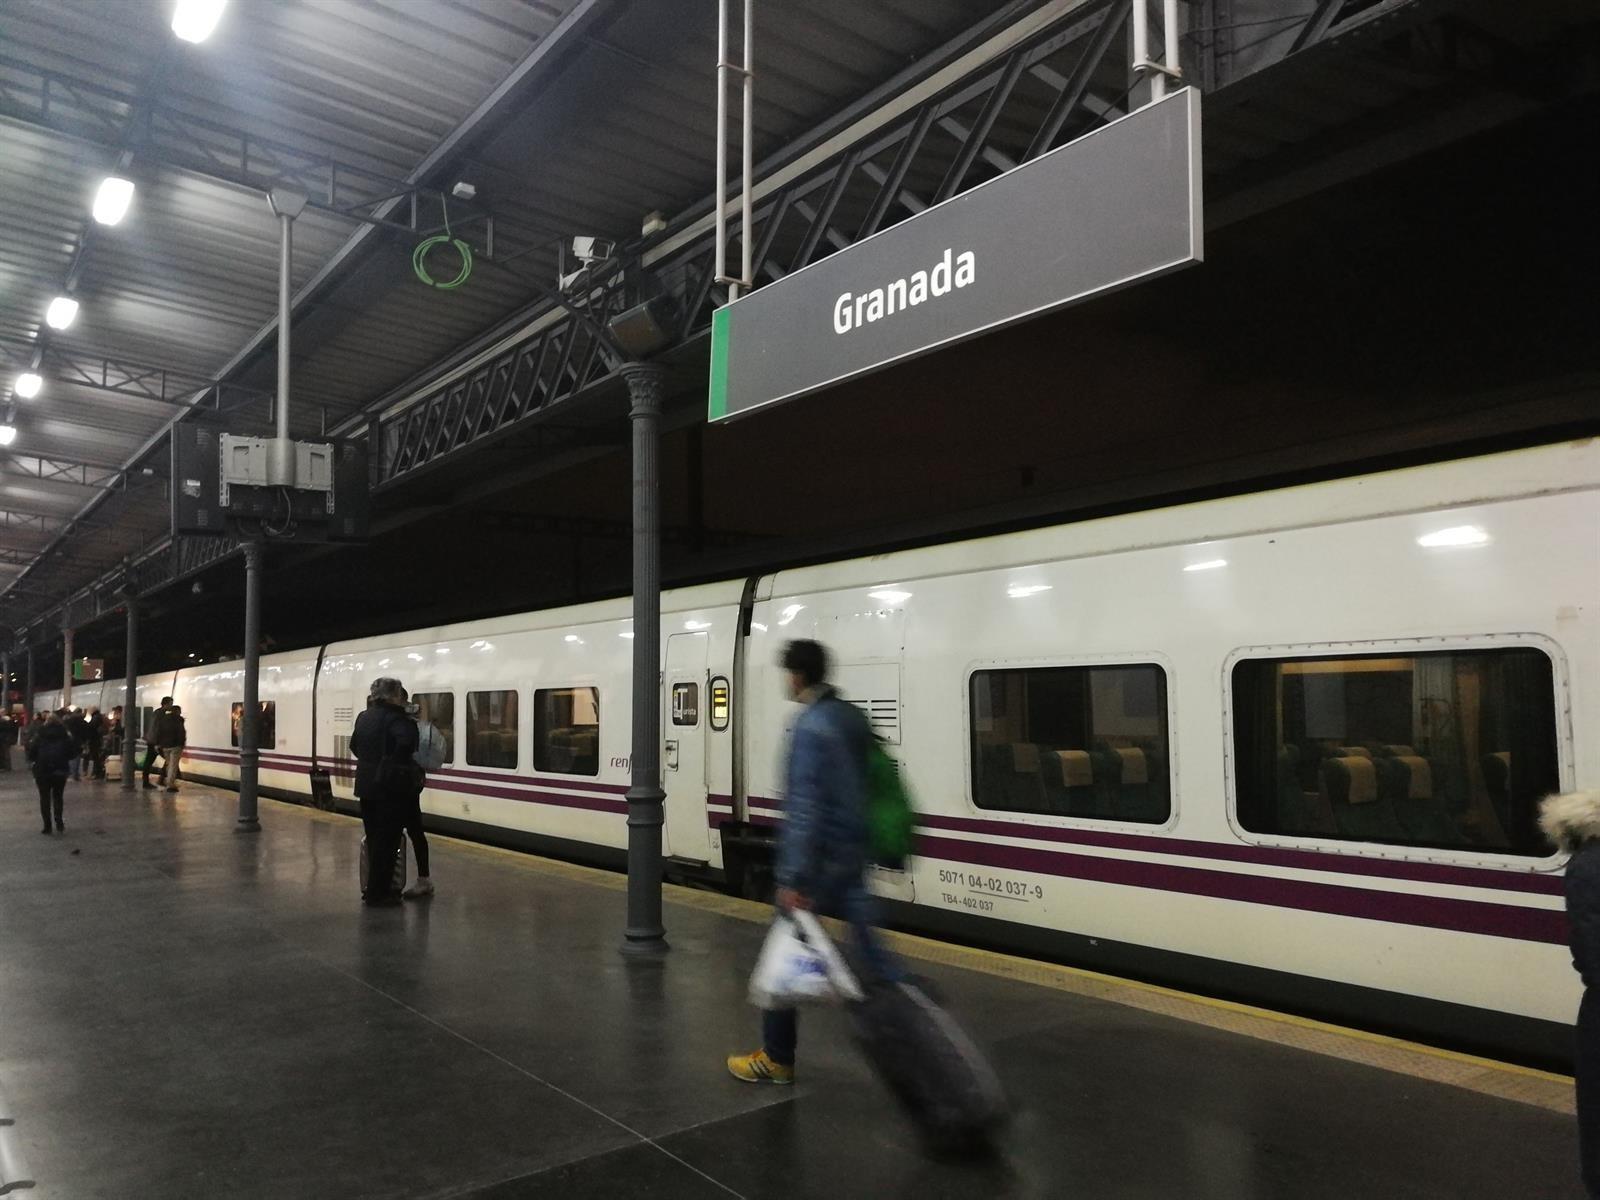 El Talgo Madrid-Granada acumula 38 minutos de retraso por una avería